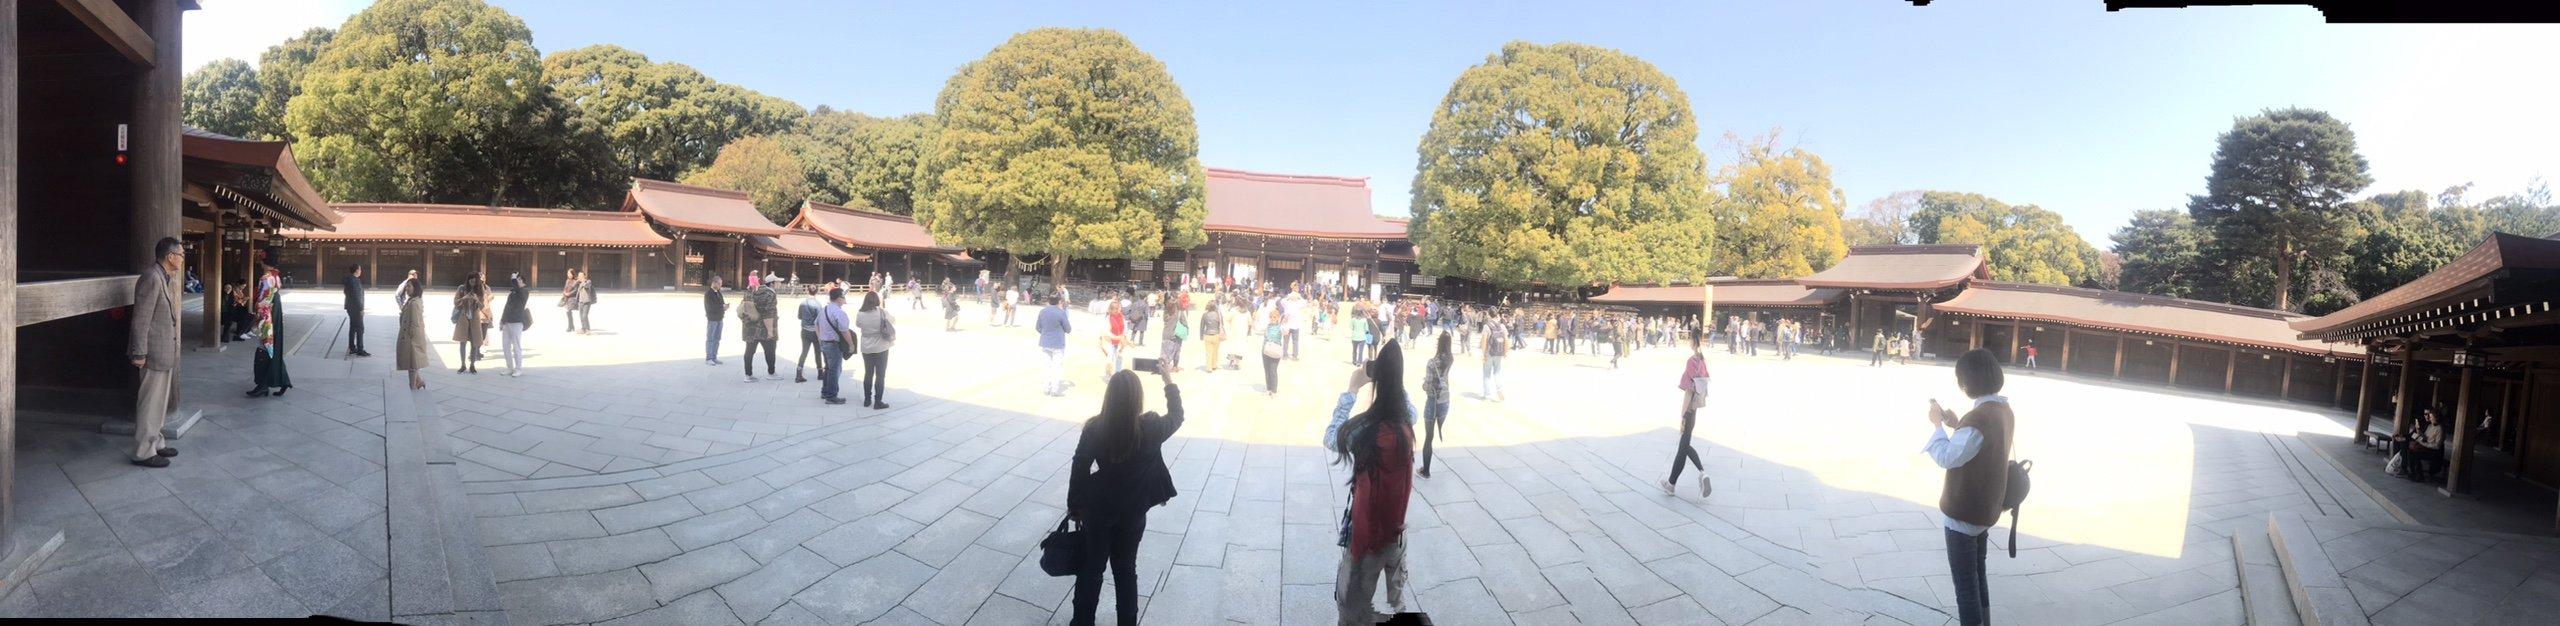 Tham quan Đền Meiji Jingu ở Tokyo Nhật Bản